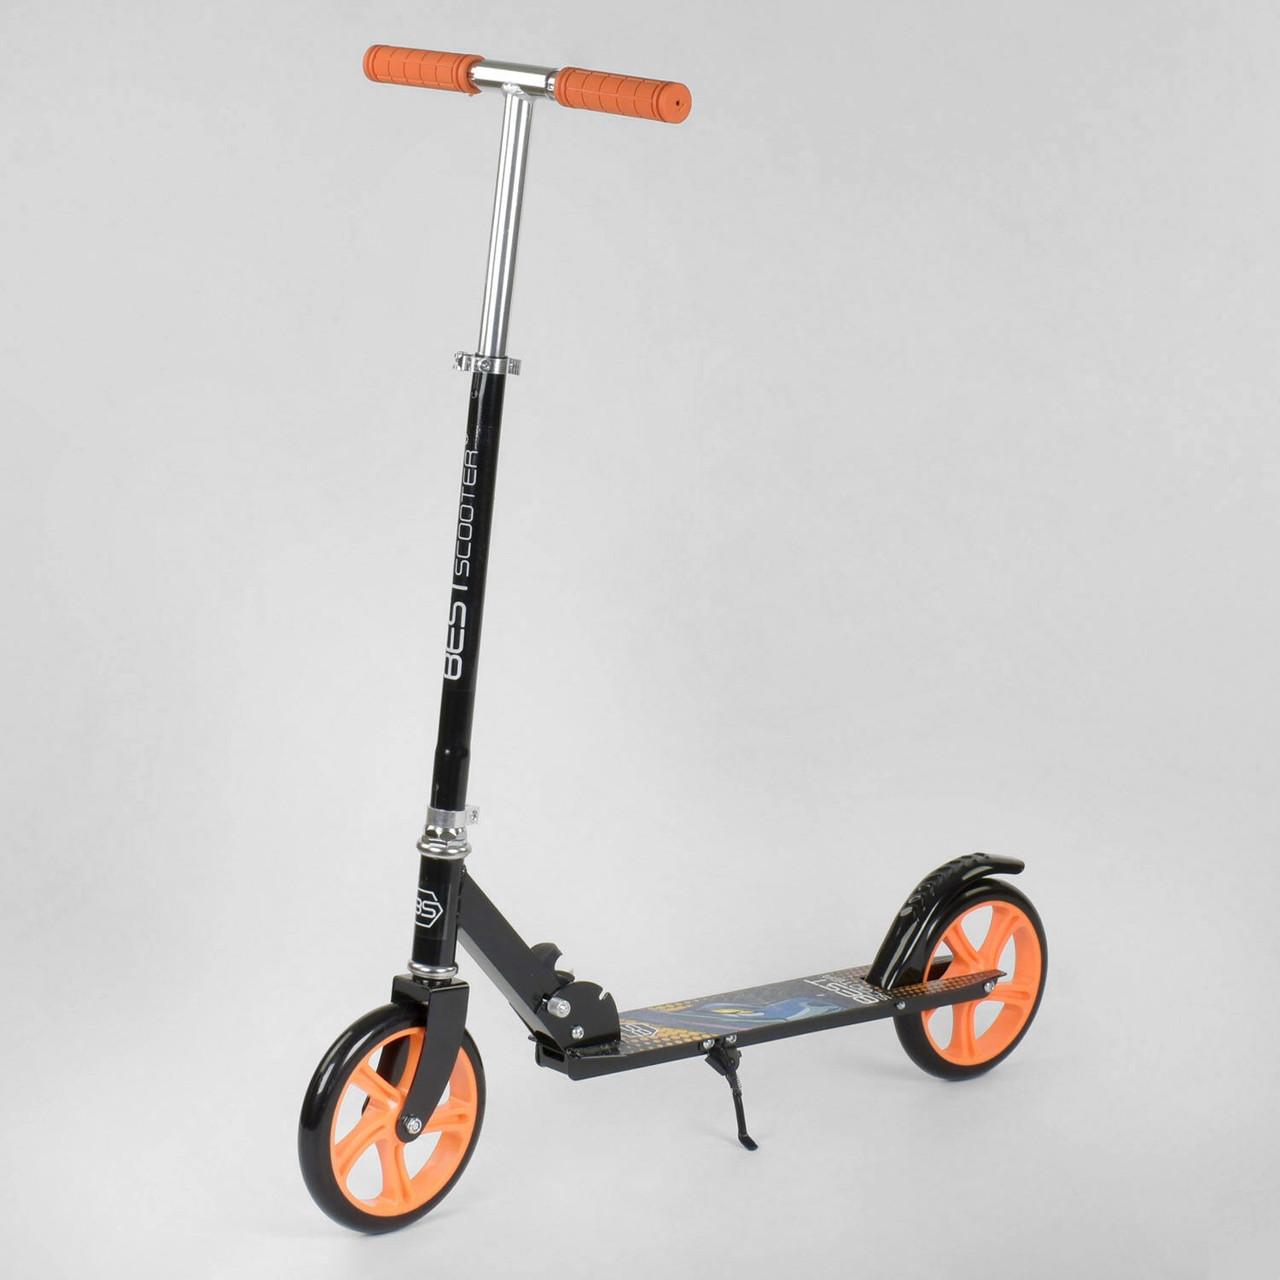 Самокат дитячий двоколісний Best Scooter 42714 Чорний з оранжевим, колеса PU, d=20см